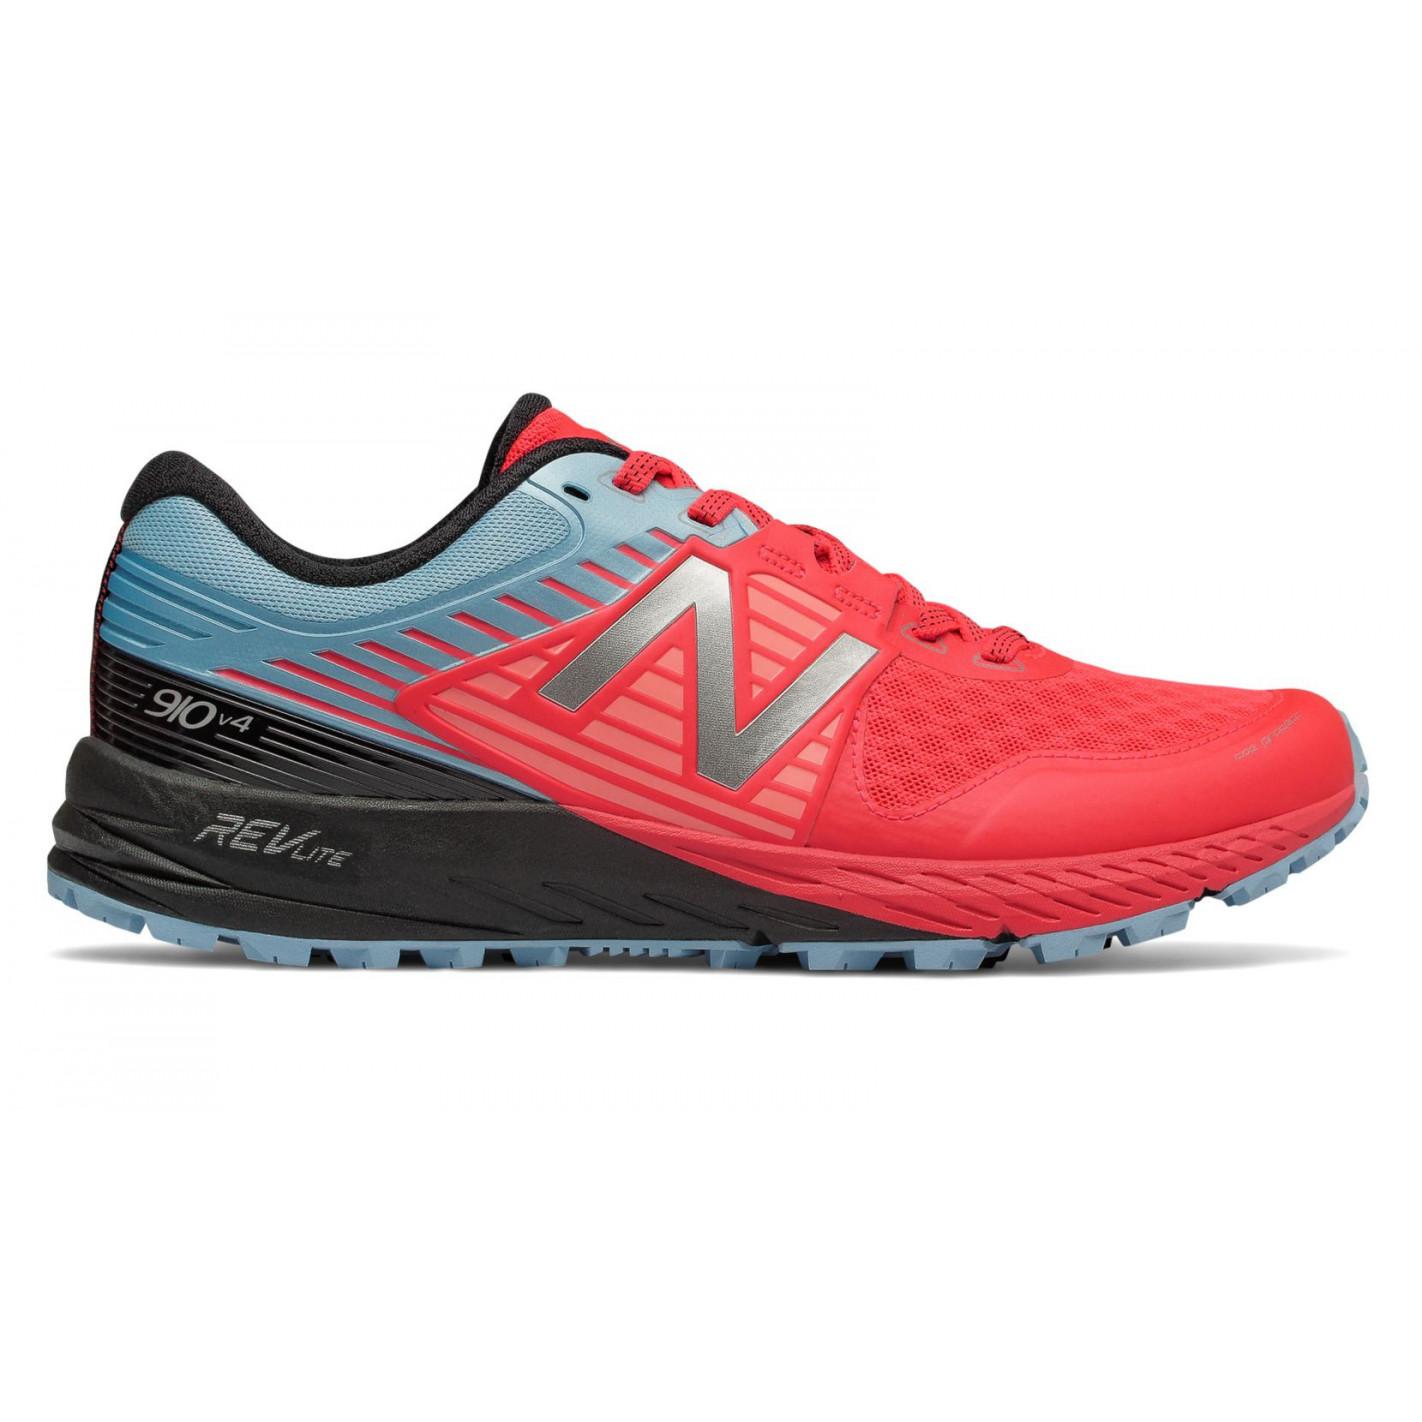 Chaussures Running NEW BALANCE Femme Trail 910 PB4 Bleu / Rose PE ...